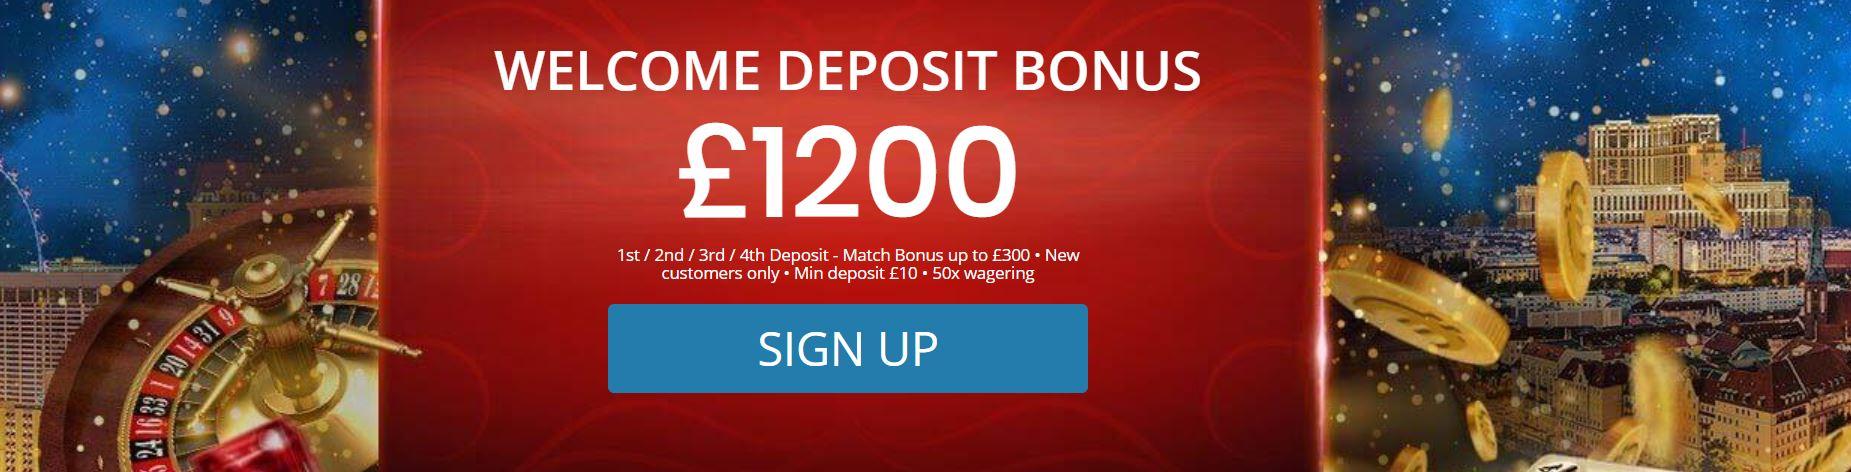 Podrás conseguir más de 1000 euros en jugadas de casino.